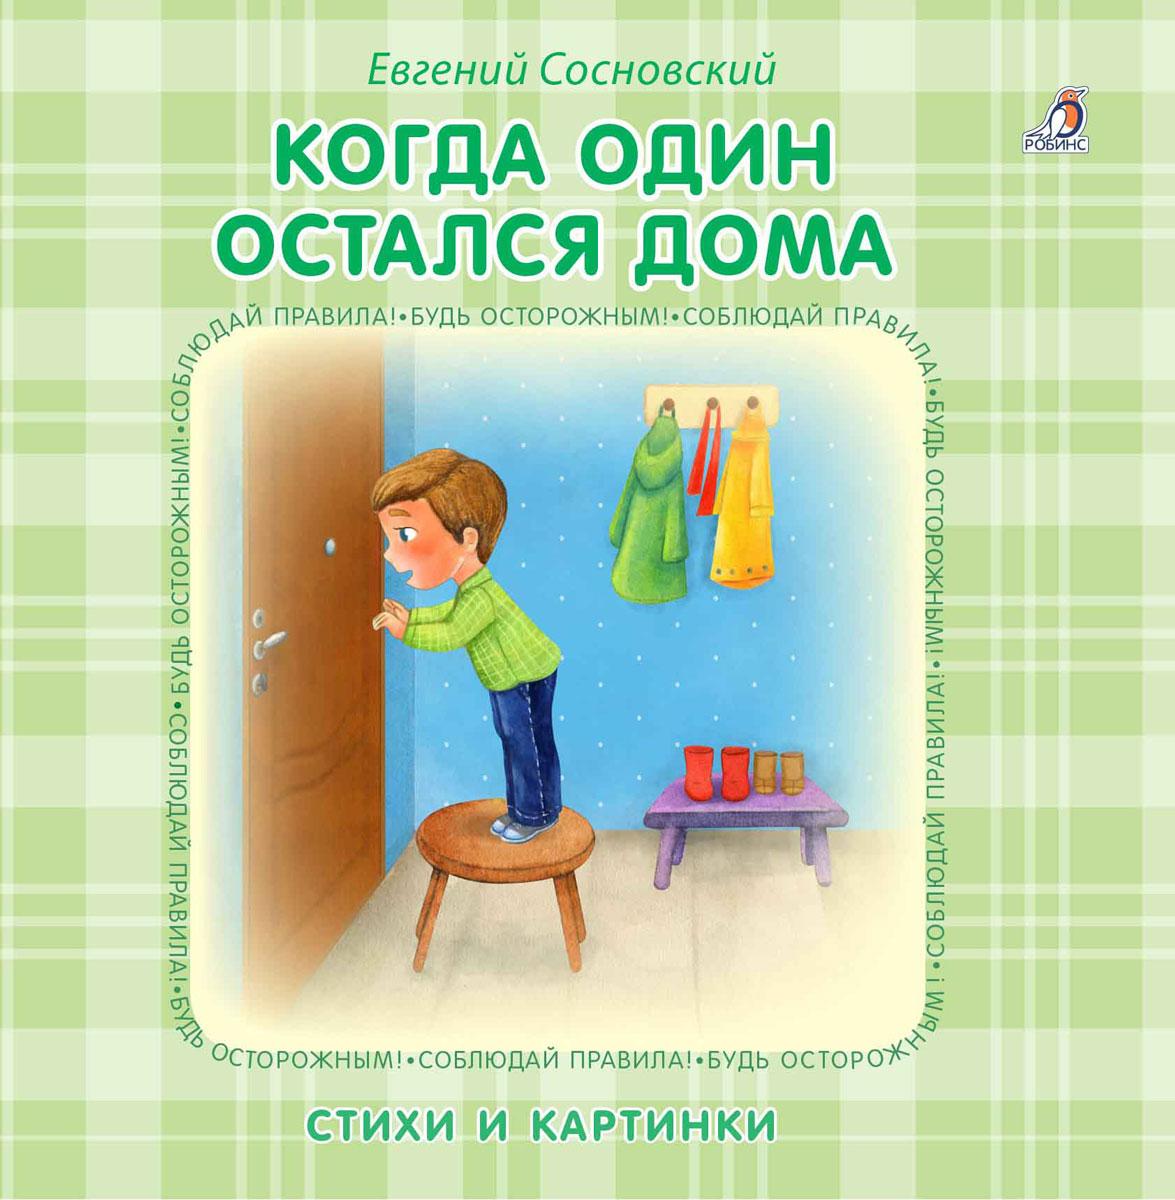 Евгений Сосновский Когда один остался дома. Стихи и картинки